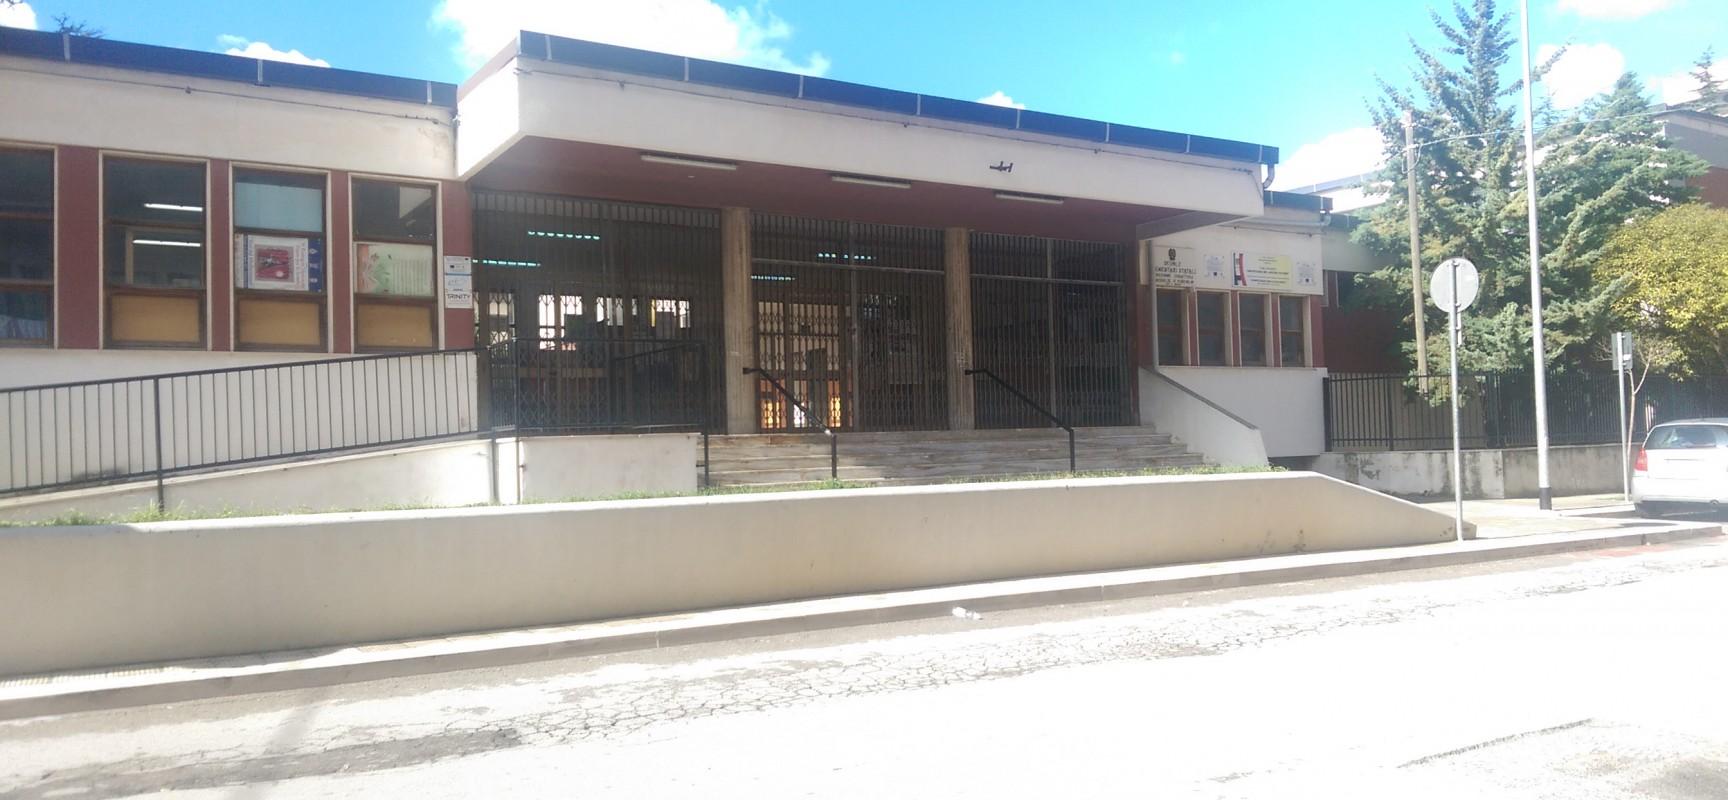 Sciopero dei docenti del 5 maggio, servizio scolastico ridotto al terzo circolo